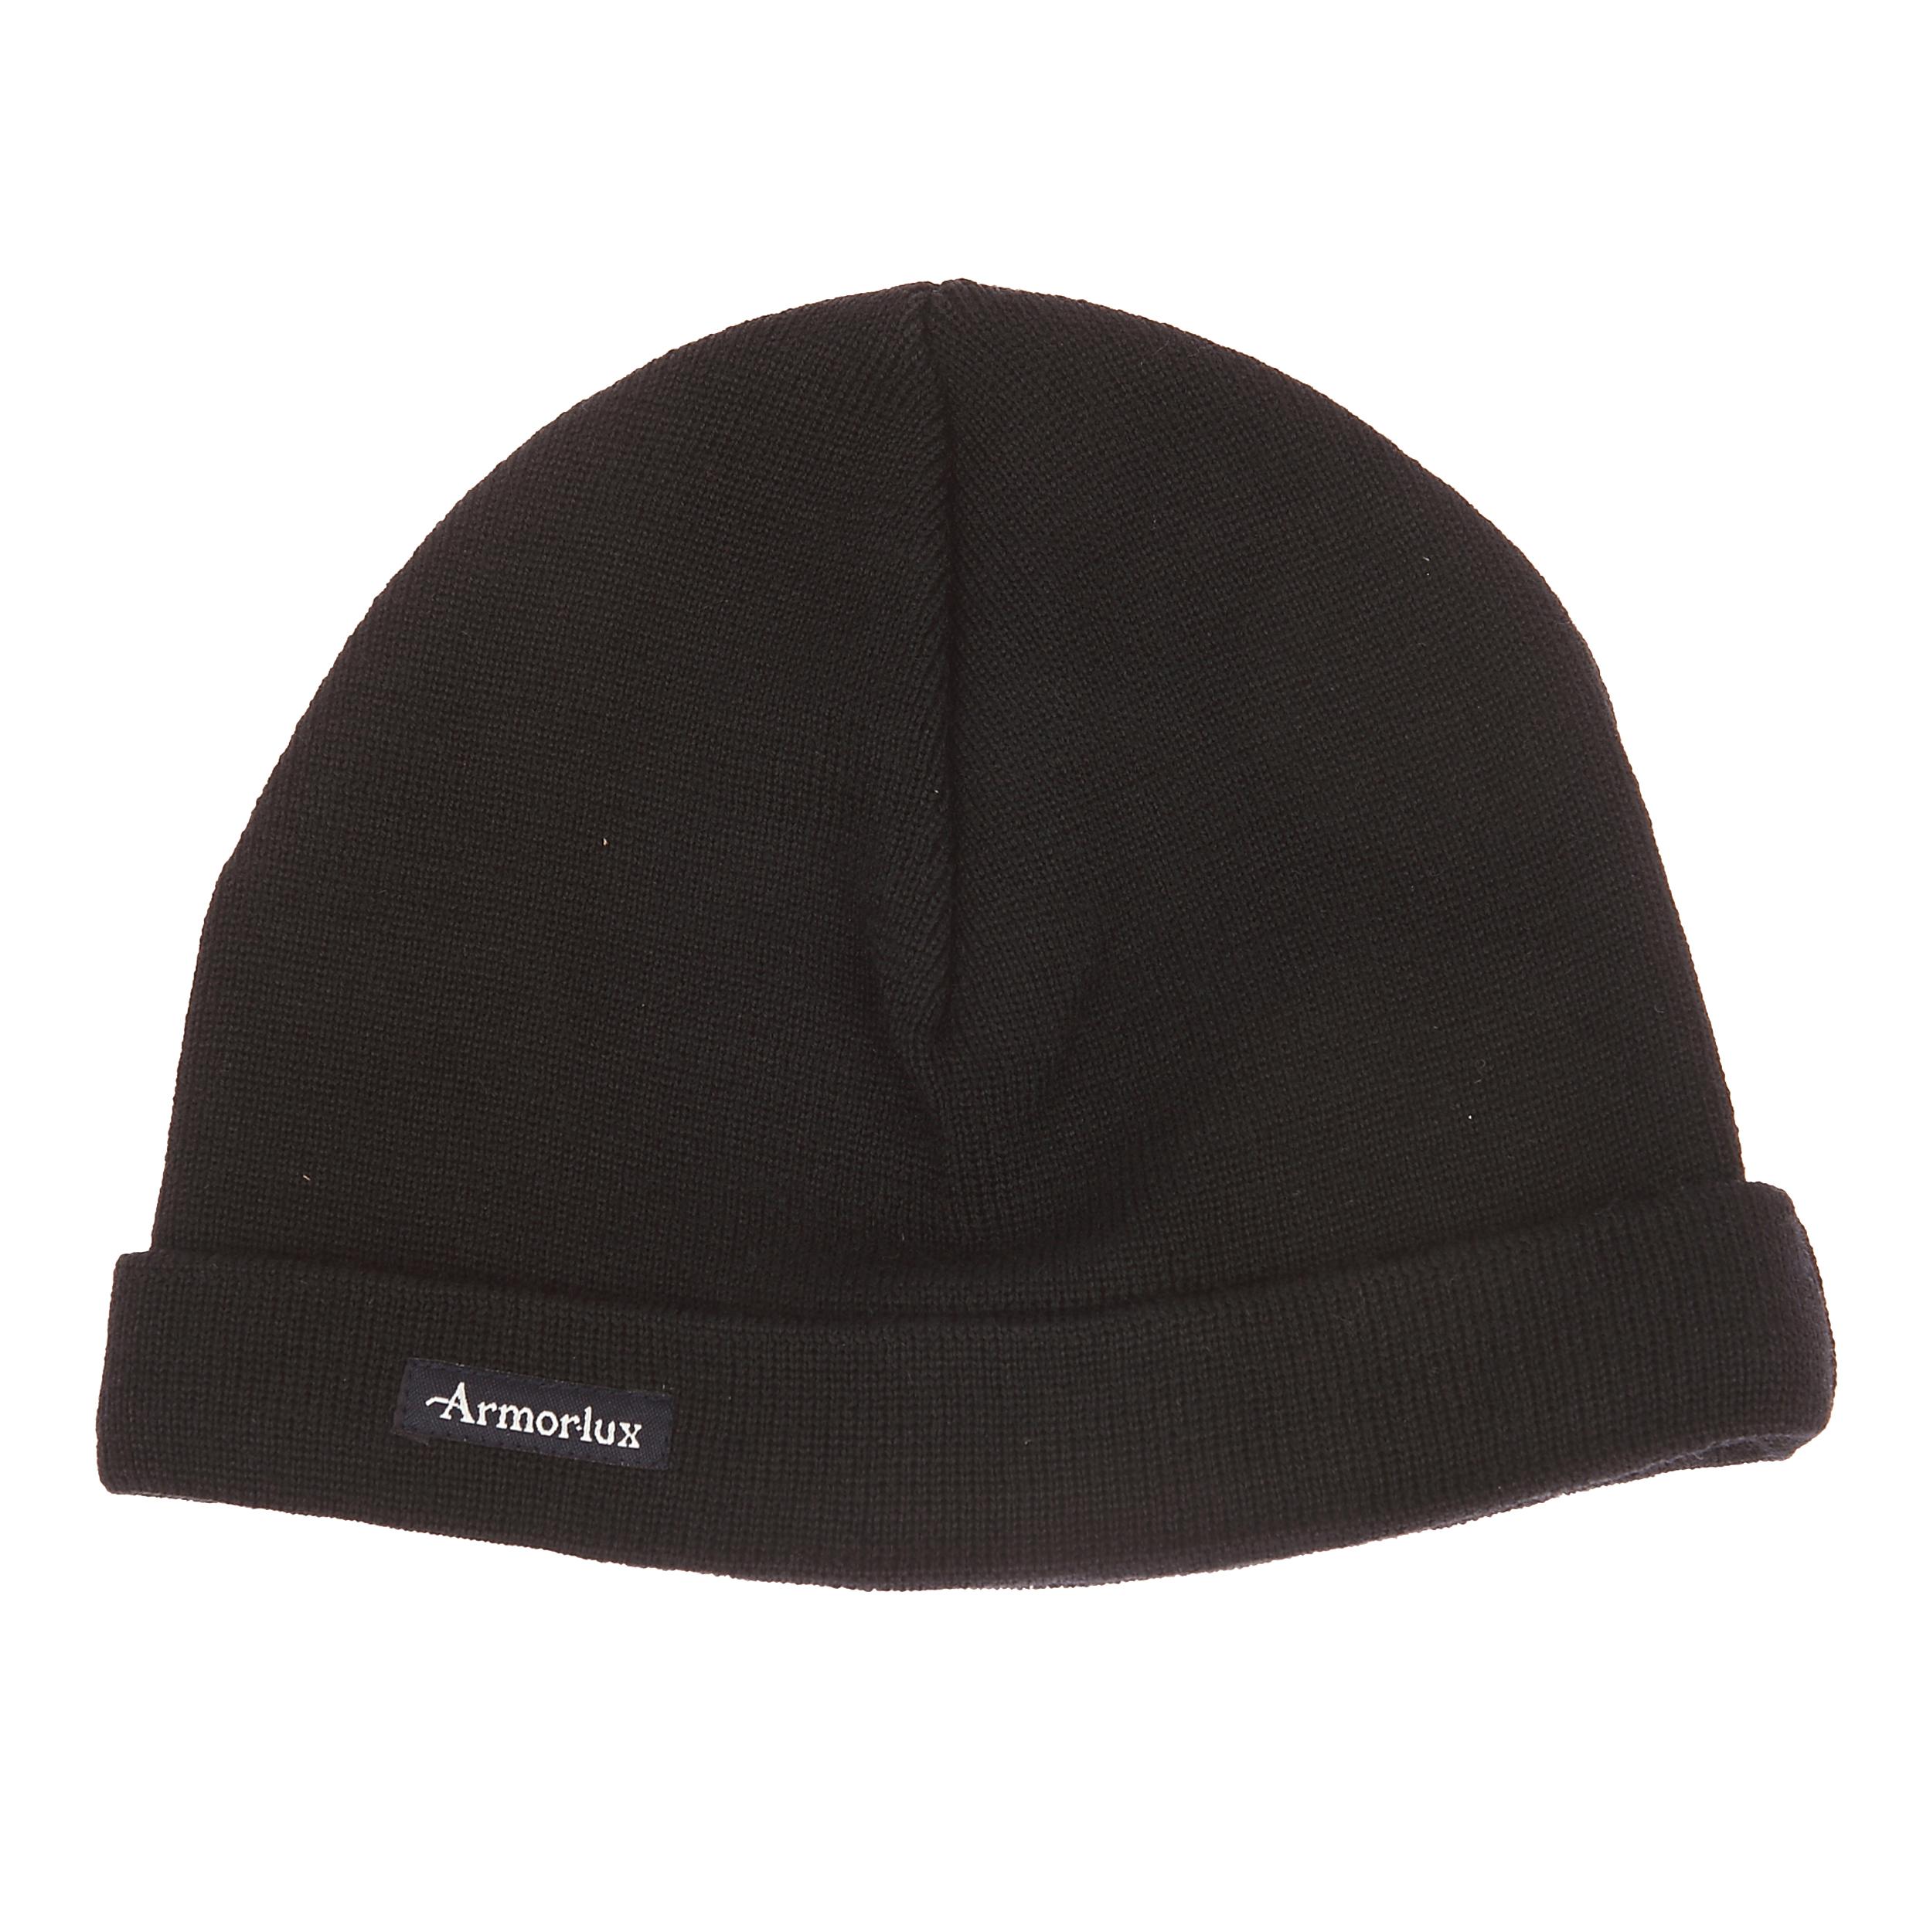 Bonnet lannion  en laine noire